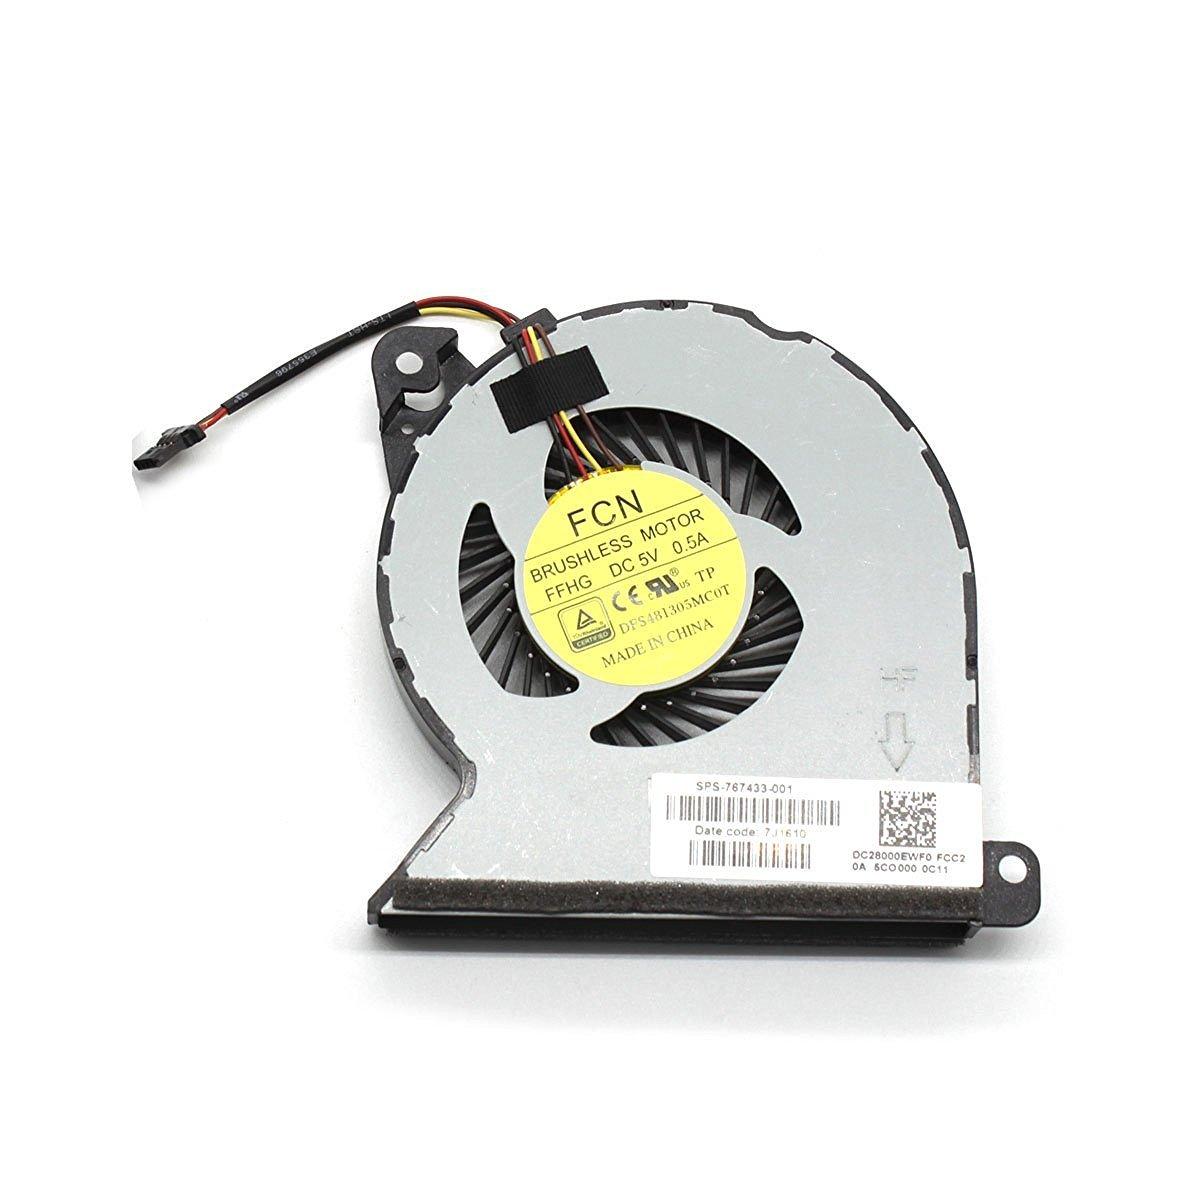 Cooler Para HP ProBook 450 G2 767433-001 MF60070V1-C350-S9A